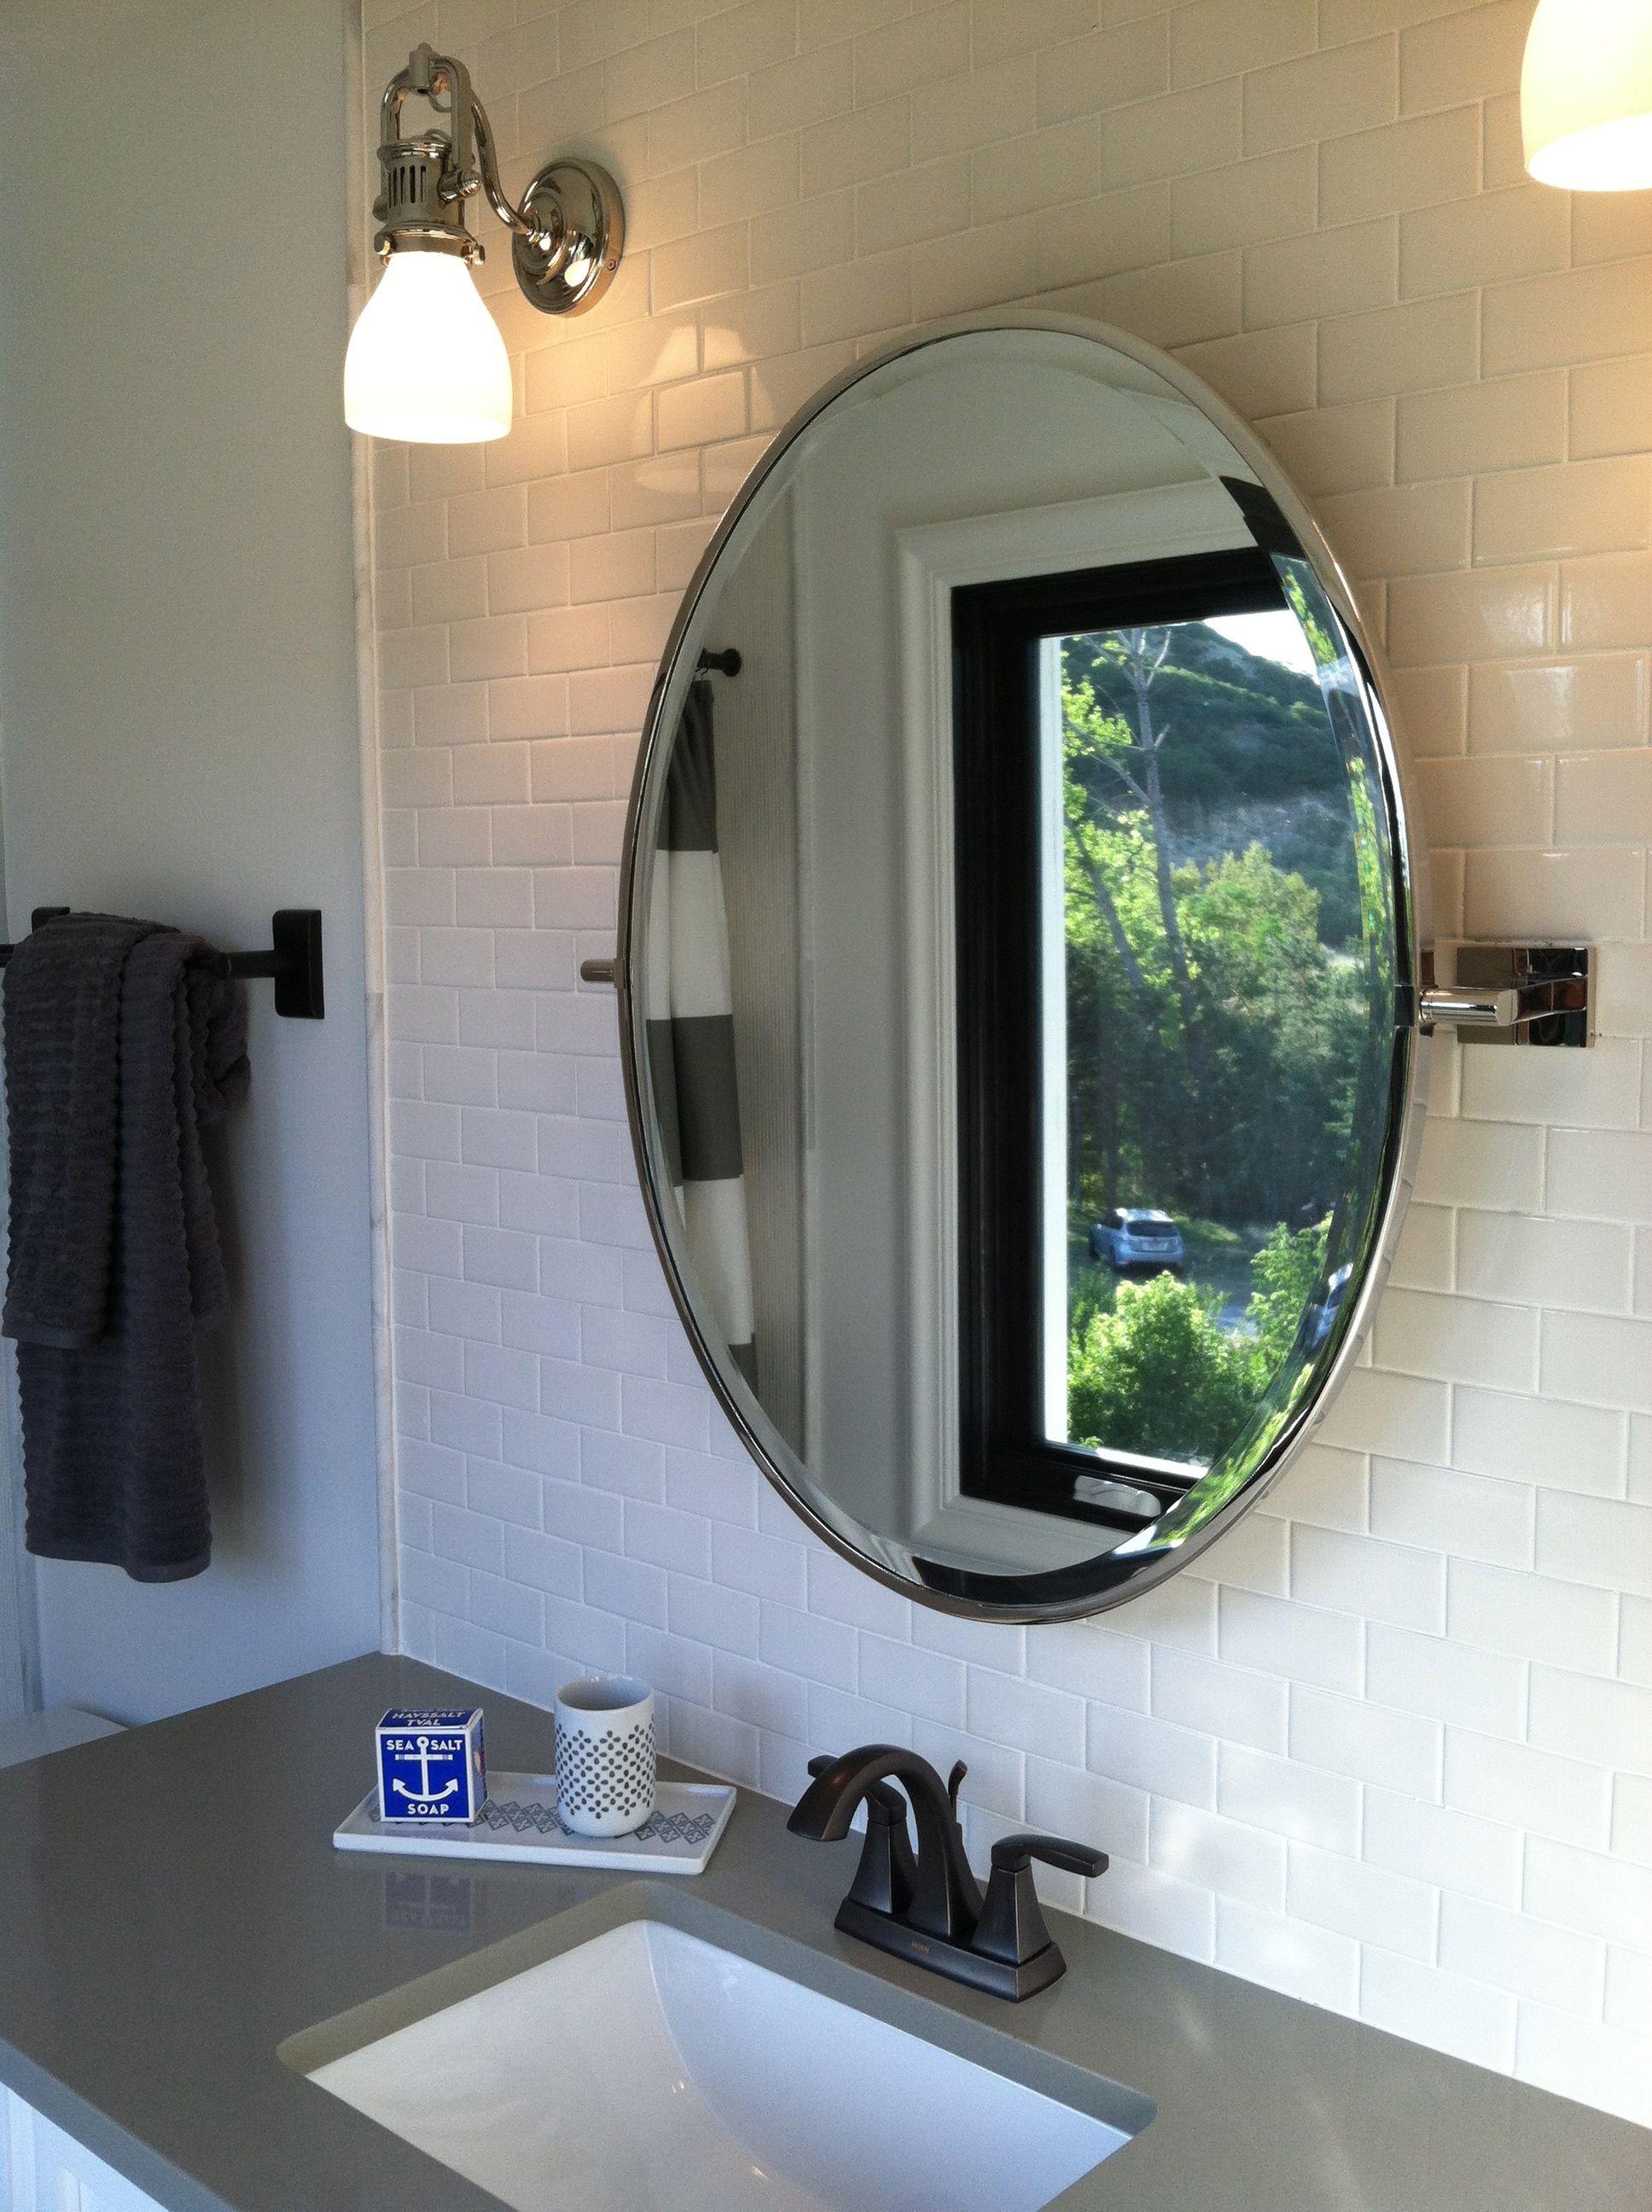 round bathroom mirror decor ideas pinterest round. Black Bedroom Furniture Sets. Home Design Ideas